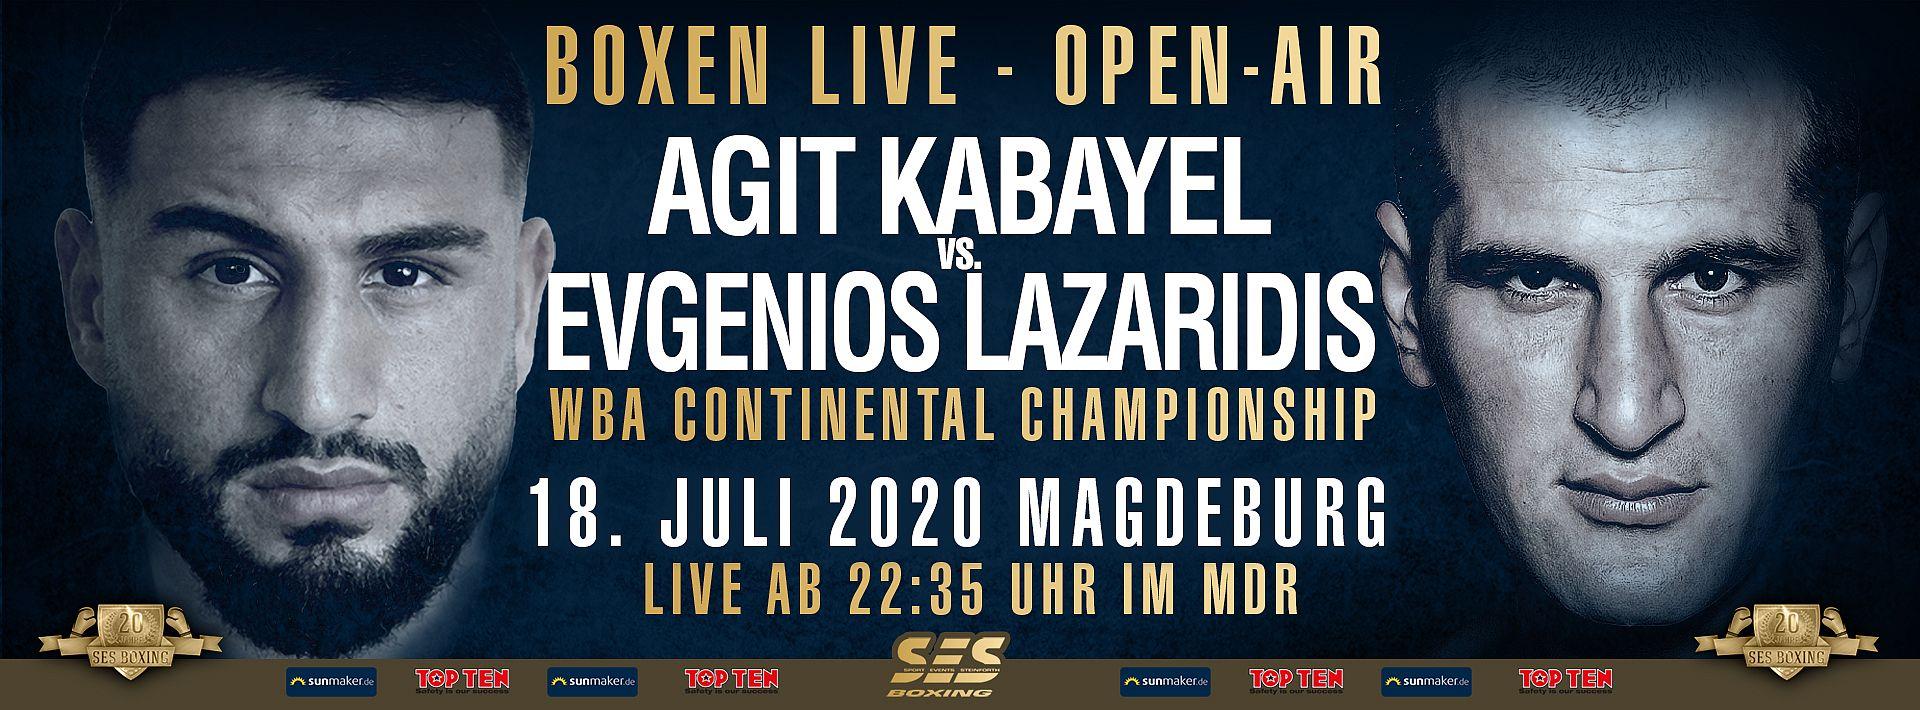 SES-Schwergewichtler Agit Kabayel wird sich im Kampf um den WBA-Continental-Titel gegen den Griechen Evgenios Lazaridis durchsetzen müssen!